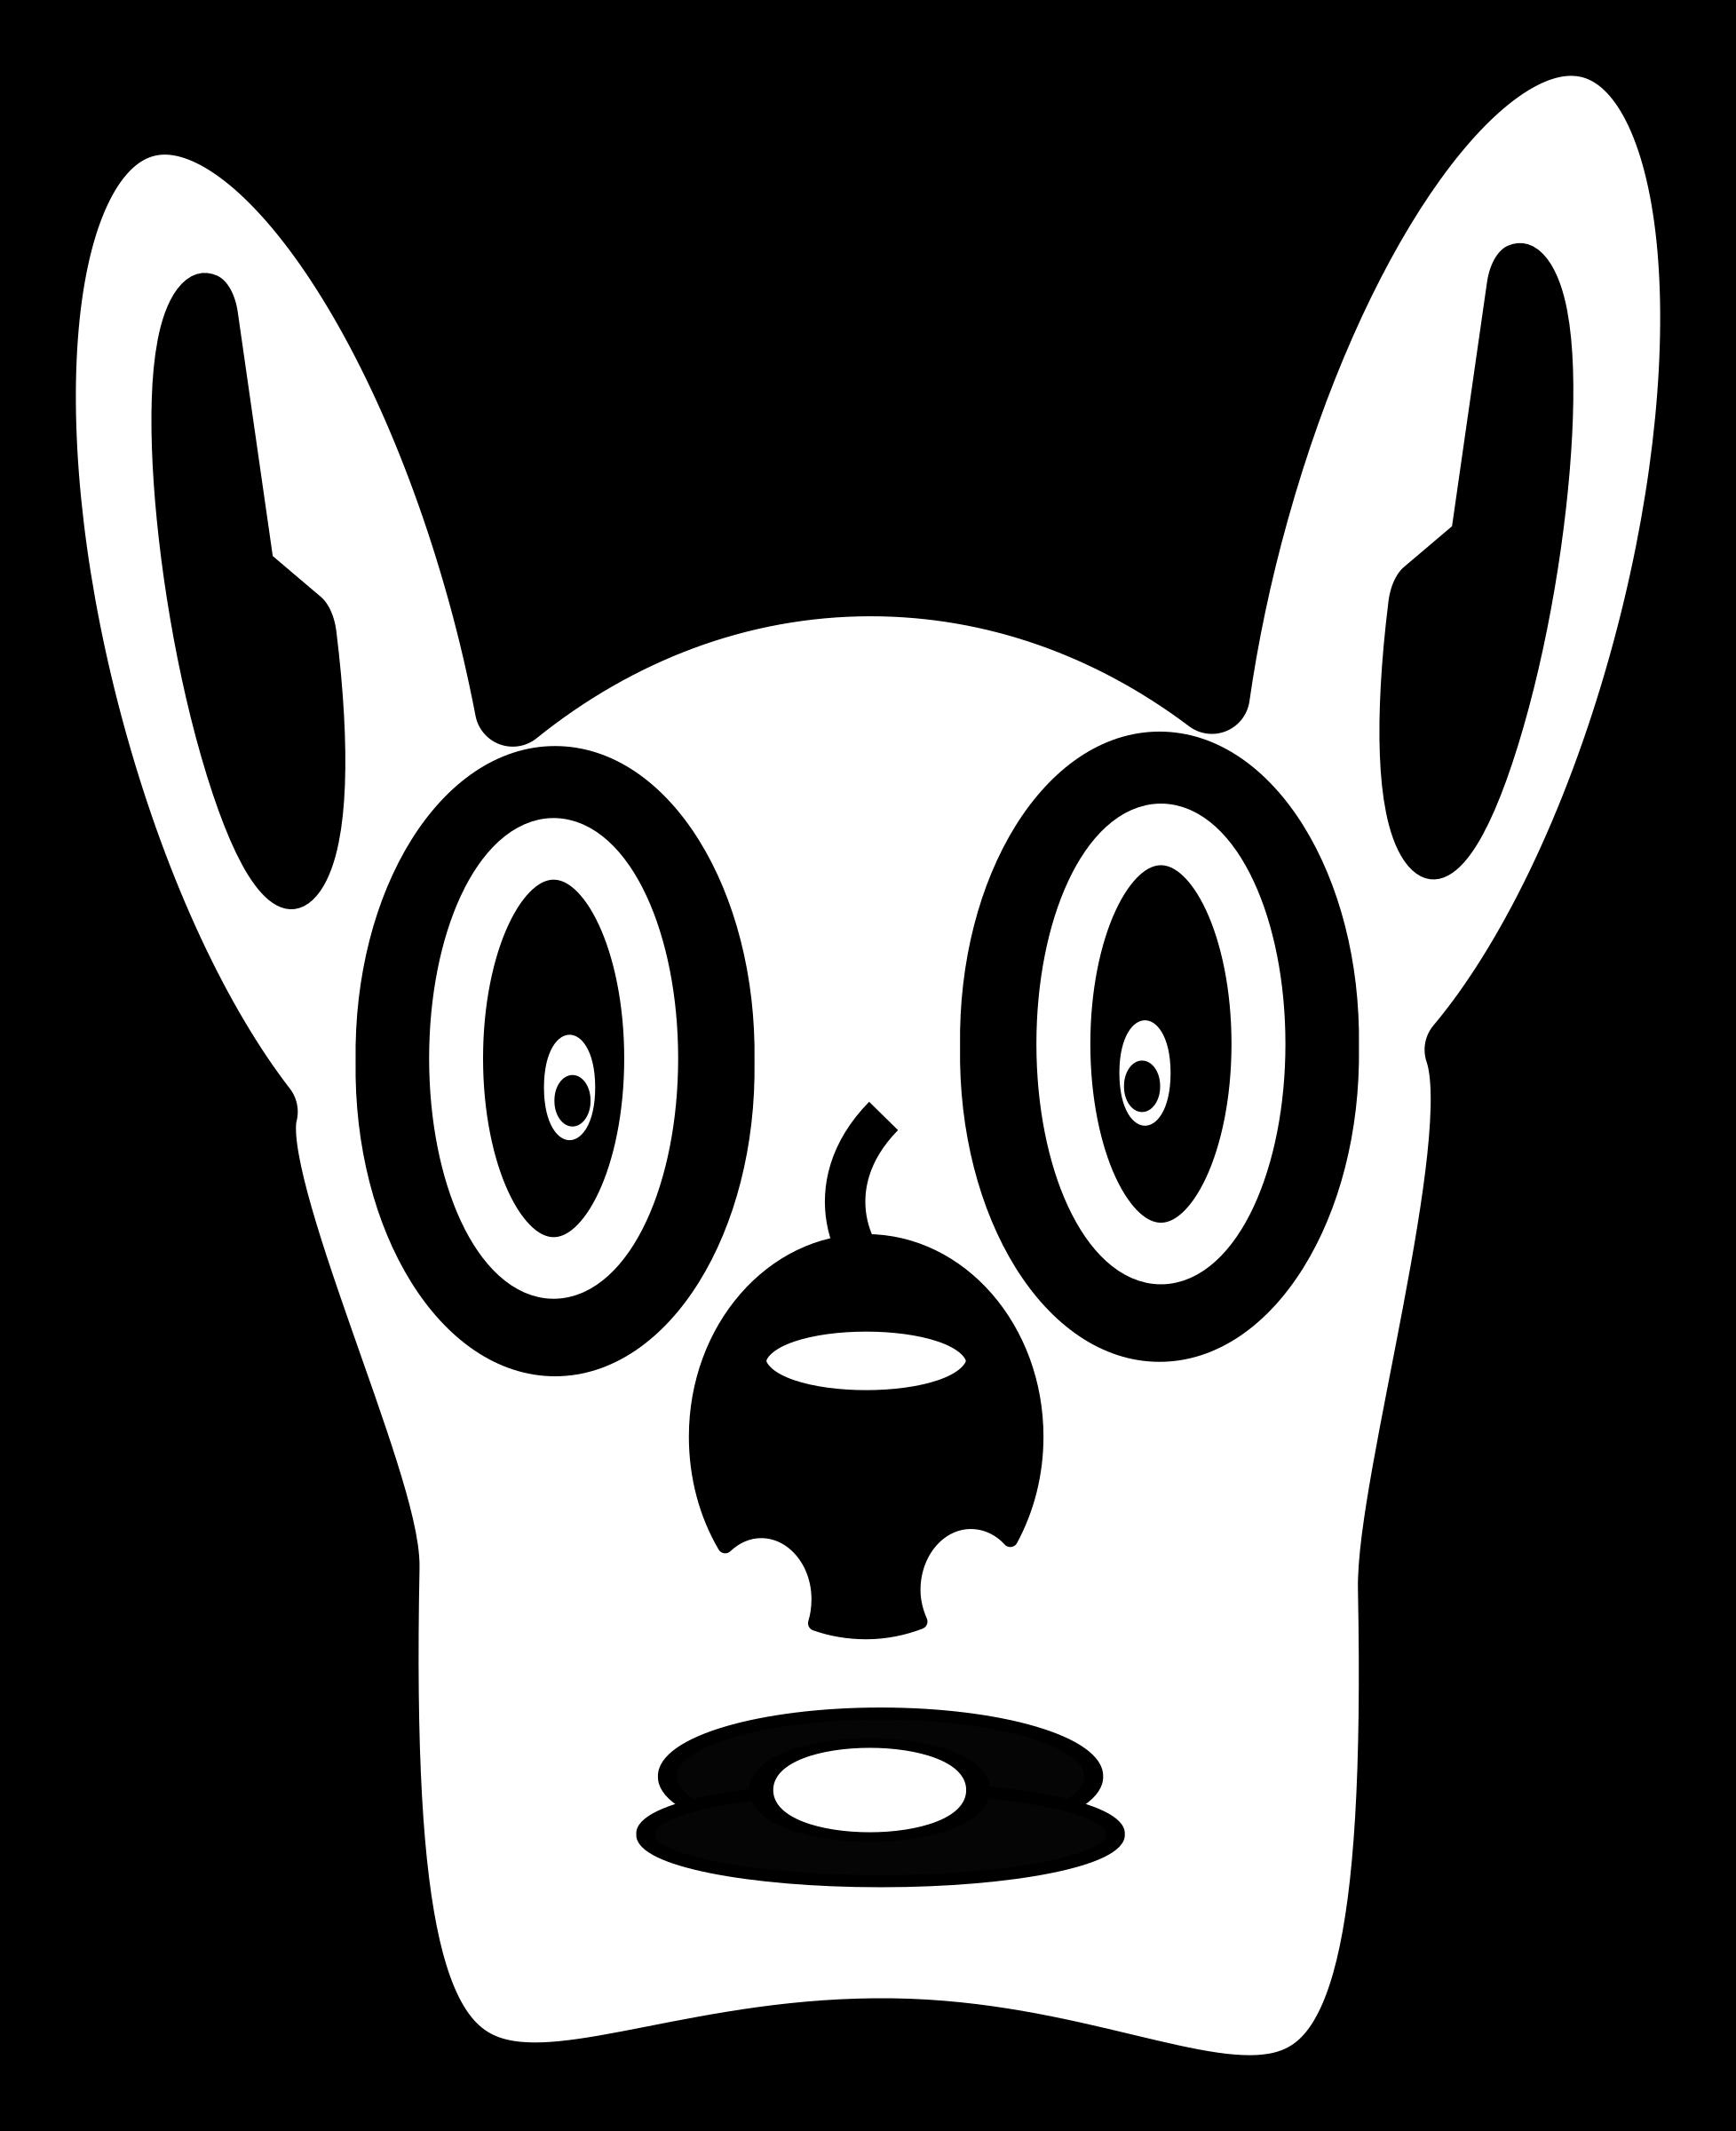 Dog Face Cartoon - ClipArt Best